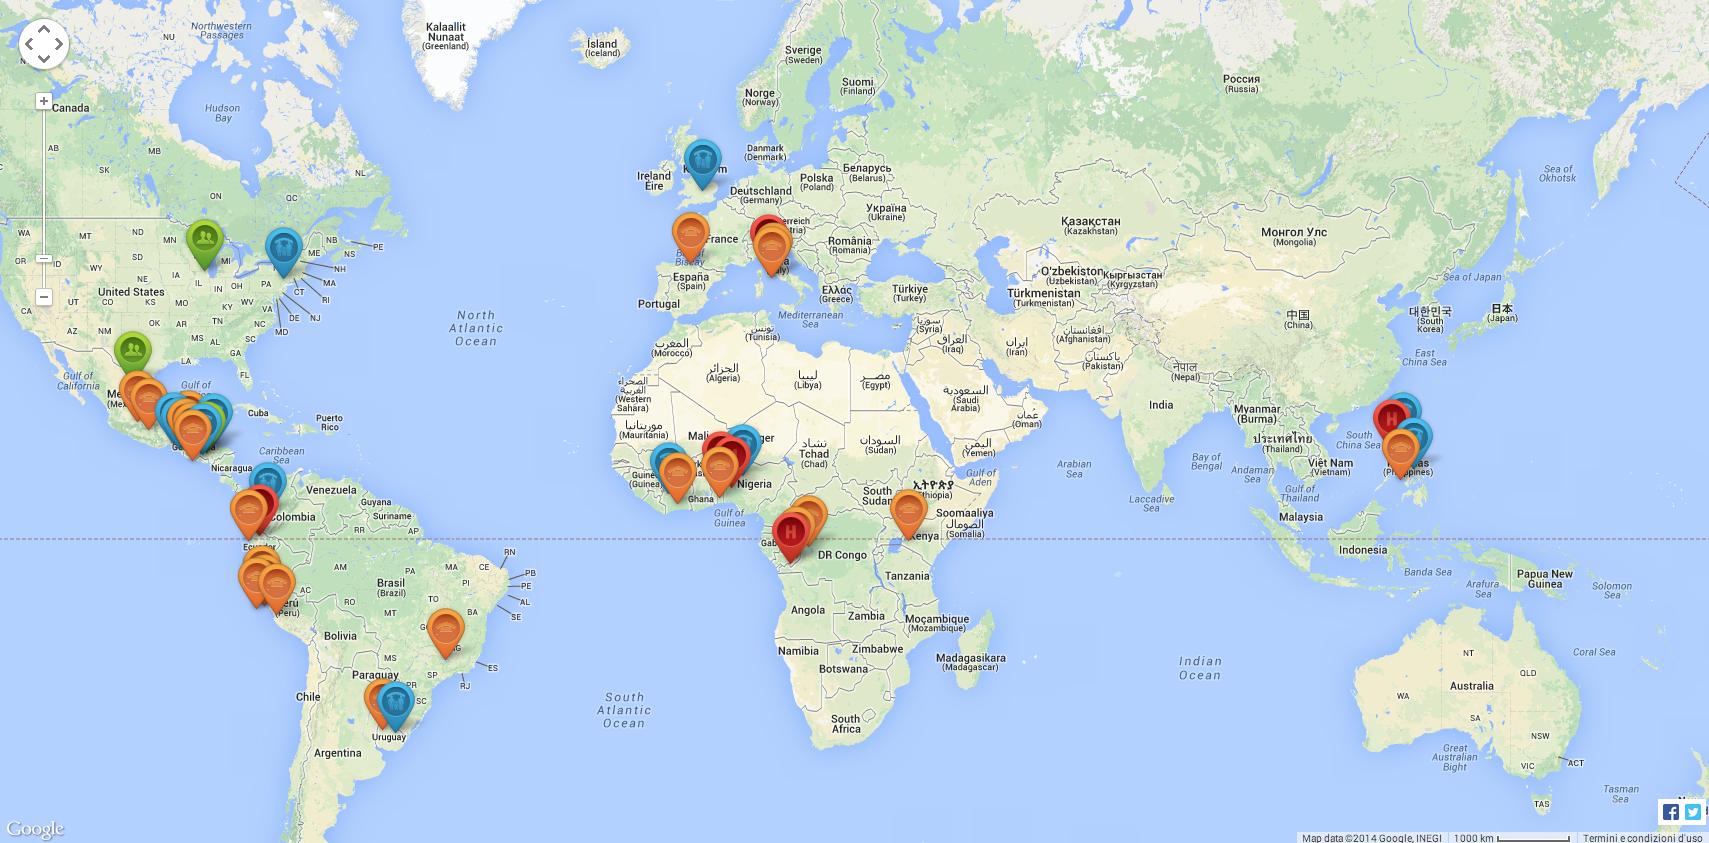 Clicca sull'immagine per vedere la mappa interattiva